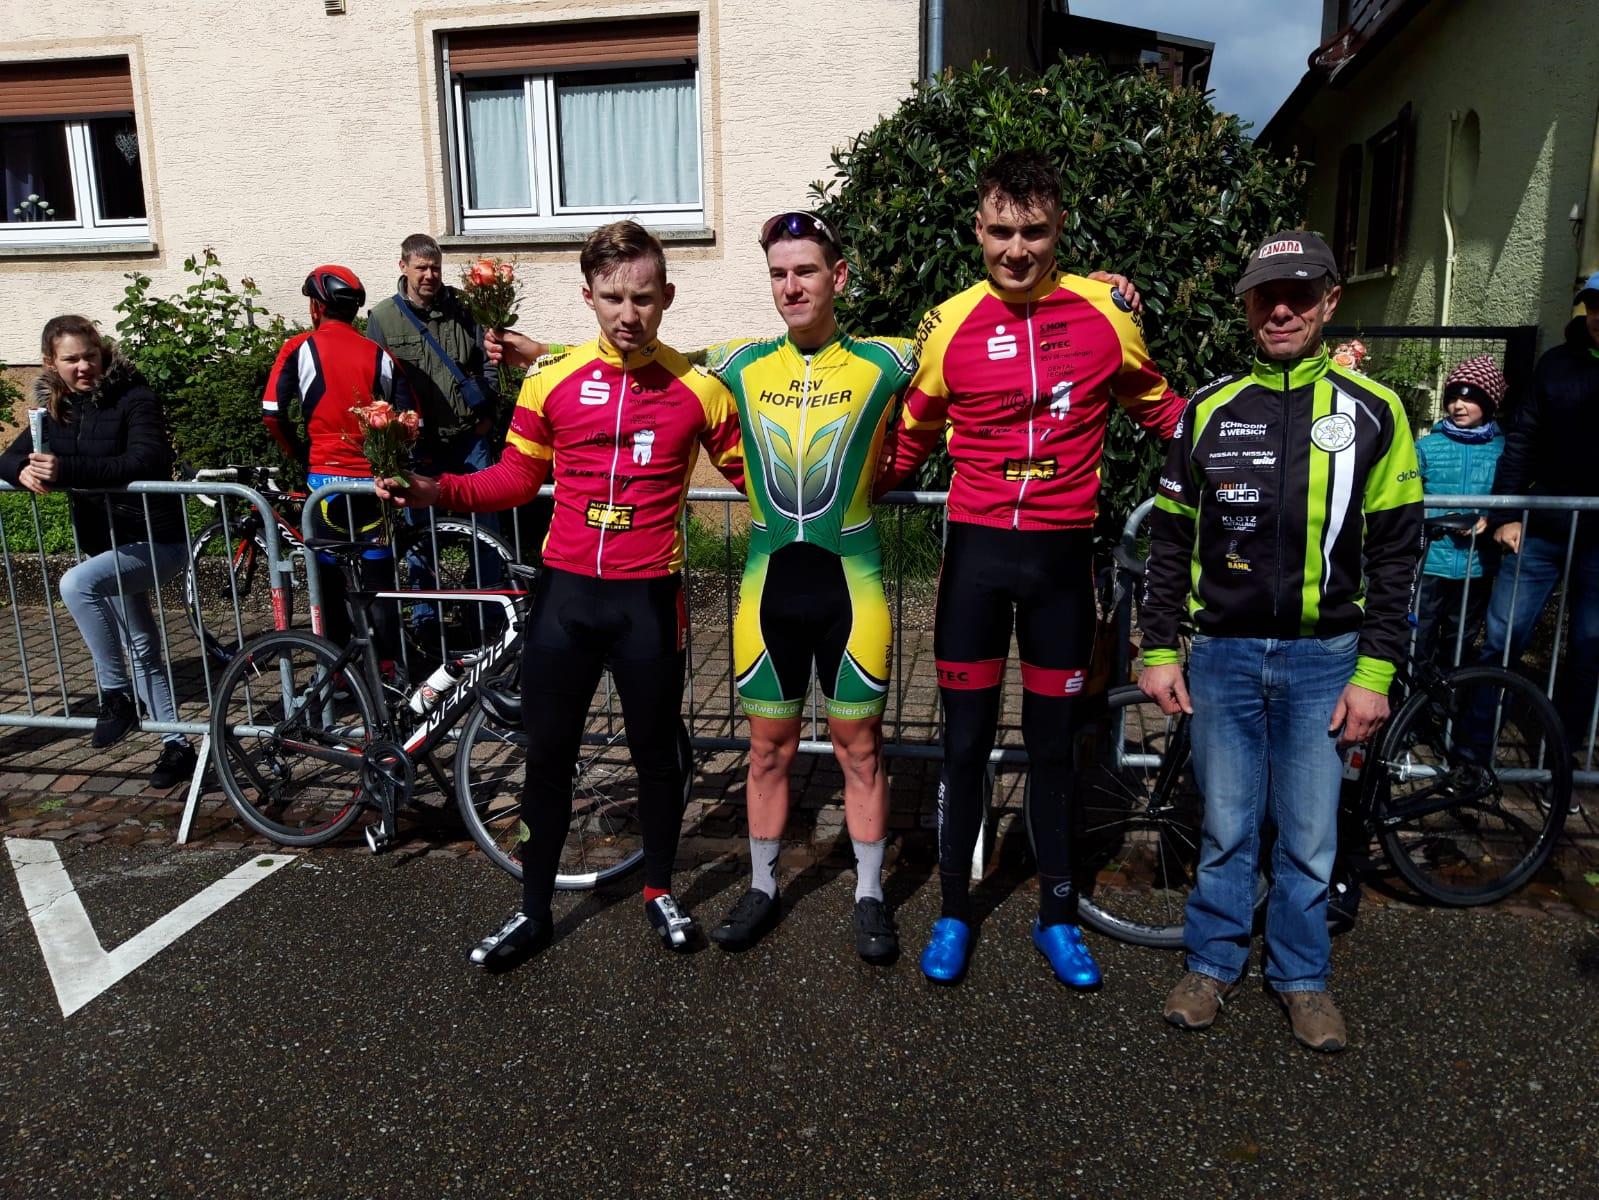 Naldi (2.) und Kübler (3.) auf dem Podest neben dem Sieger aus Hofweier Felix Bauer